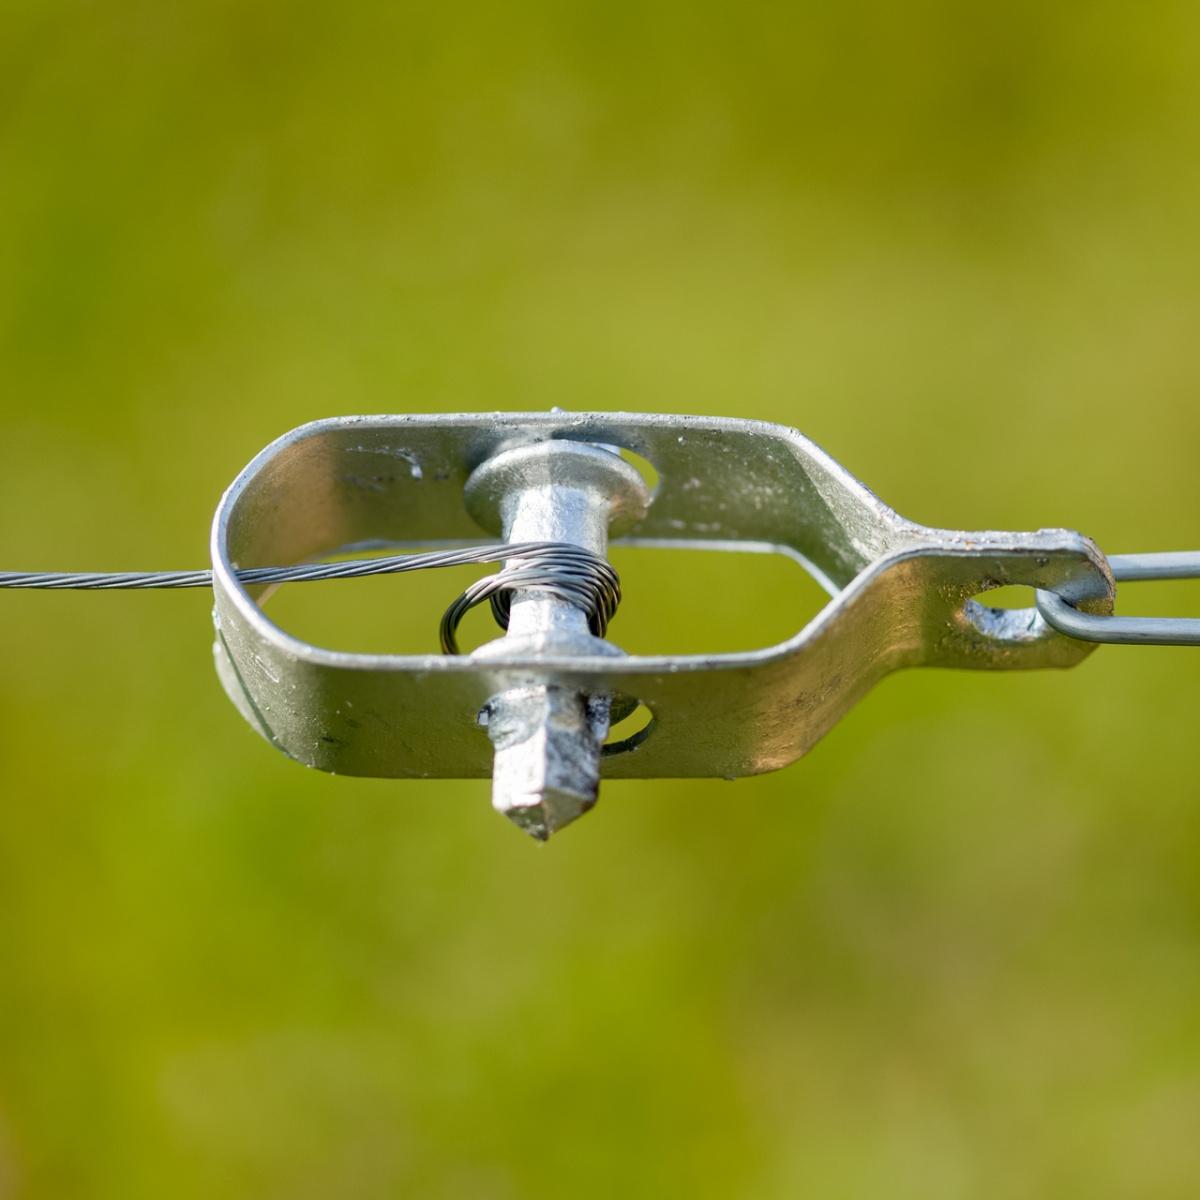 Feszítőelem huzal számára, 100 mm